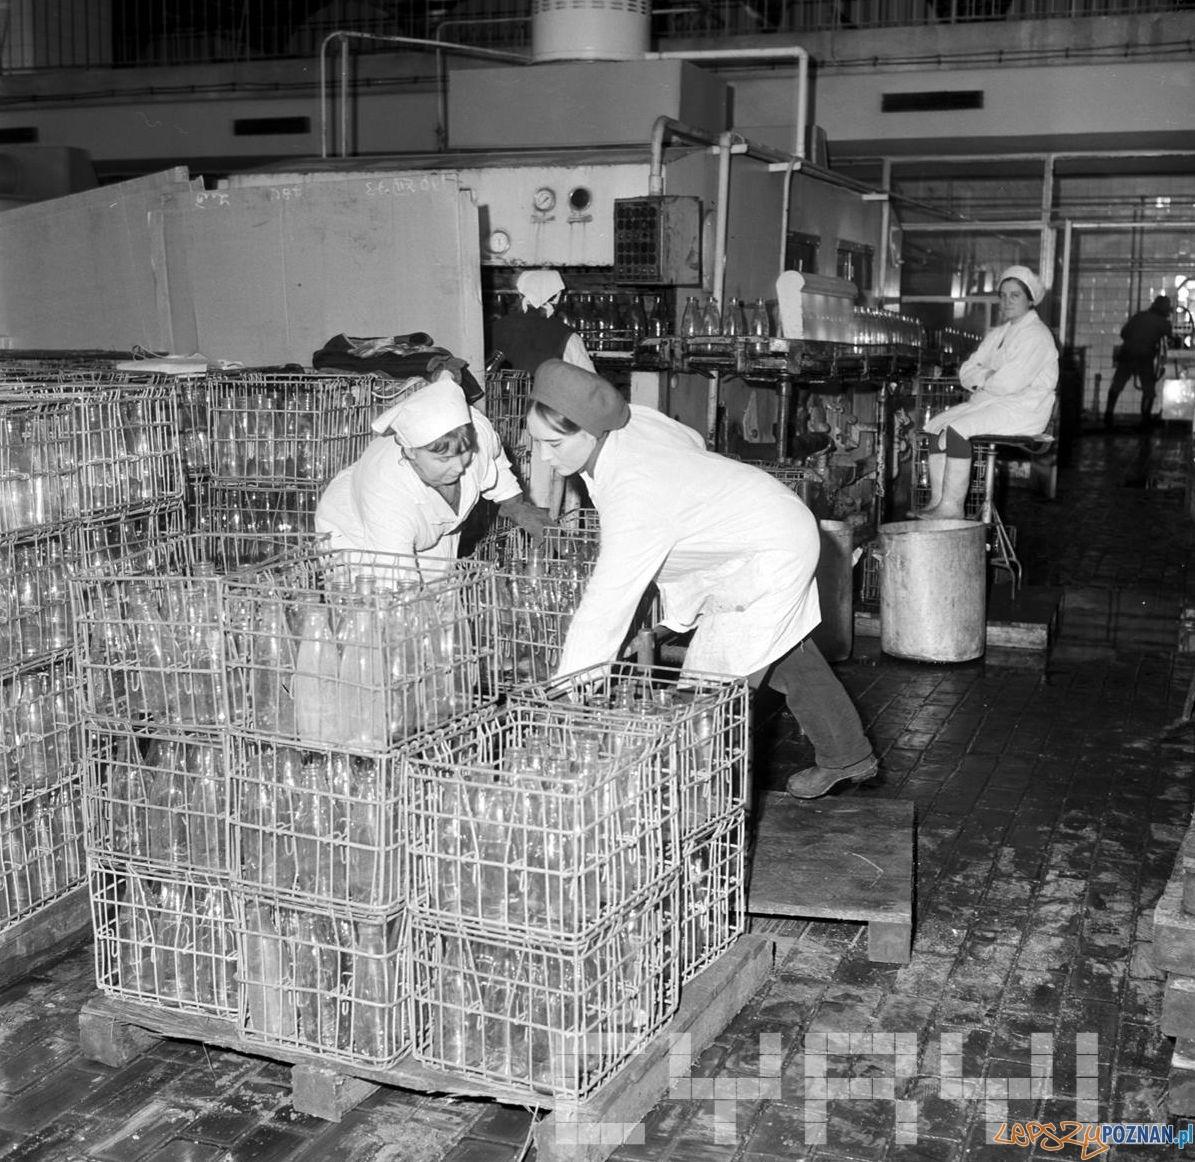 Mycie butelek w Spółdzielni Mleczarskiej Dębiec [21.01.1974]  Foto: Stanisław Wiktor / Cyryl